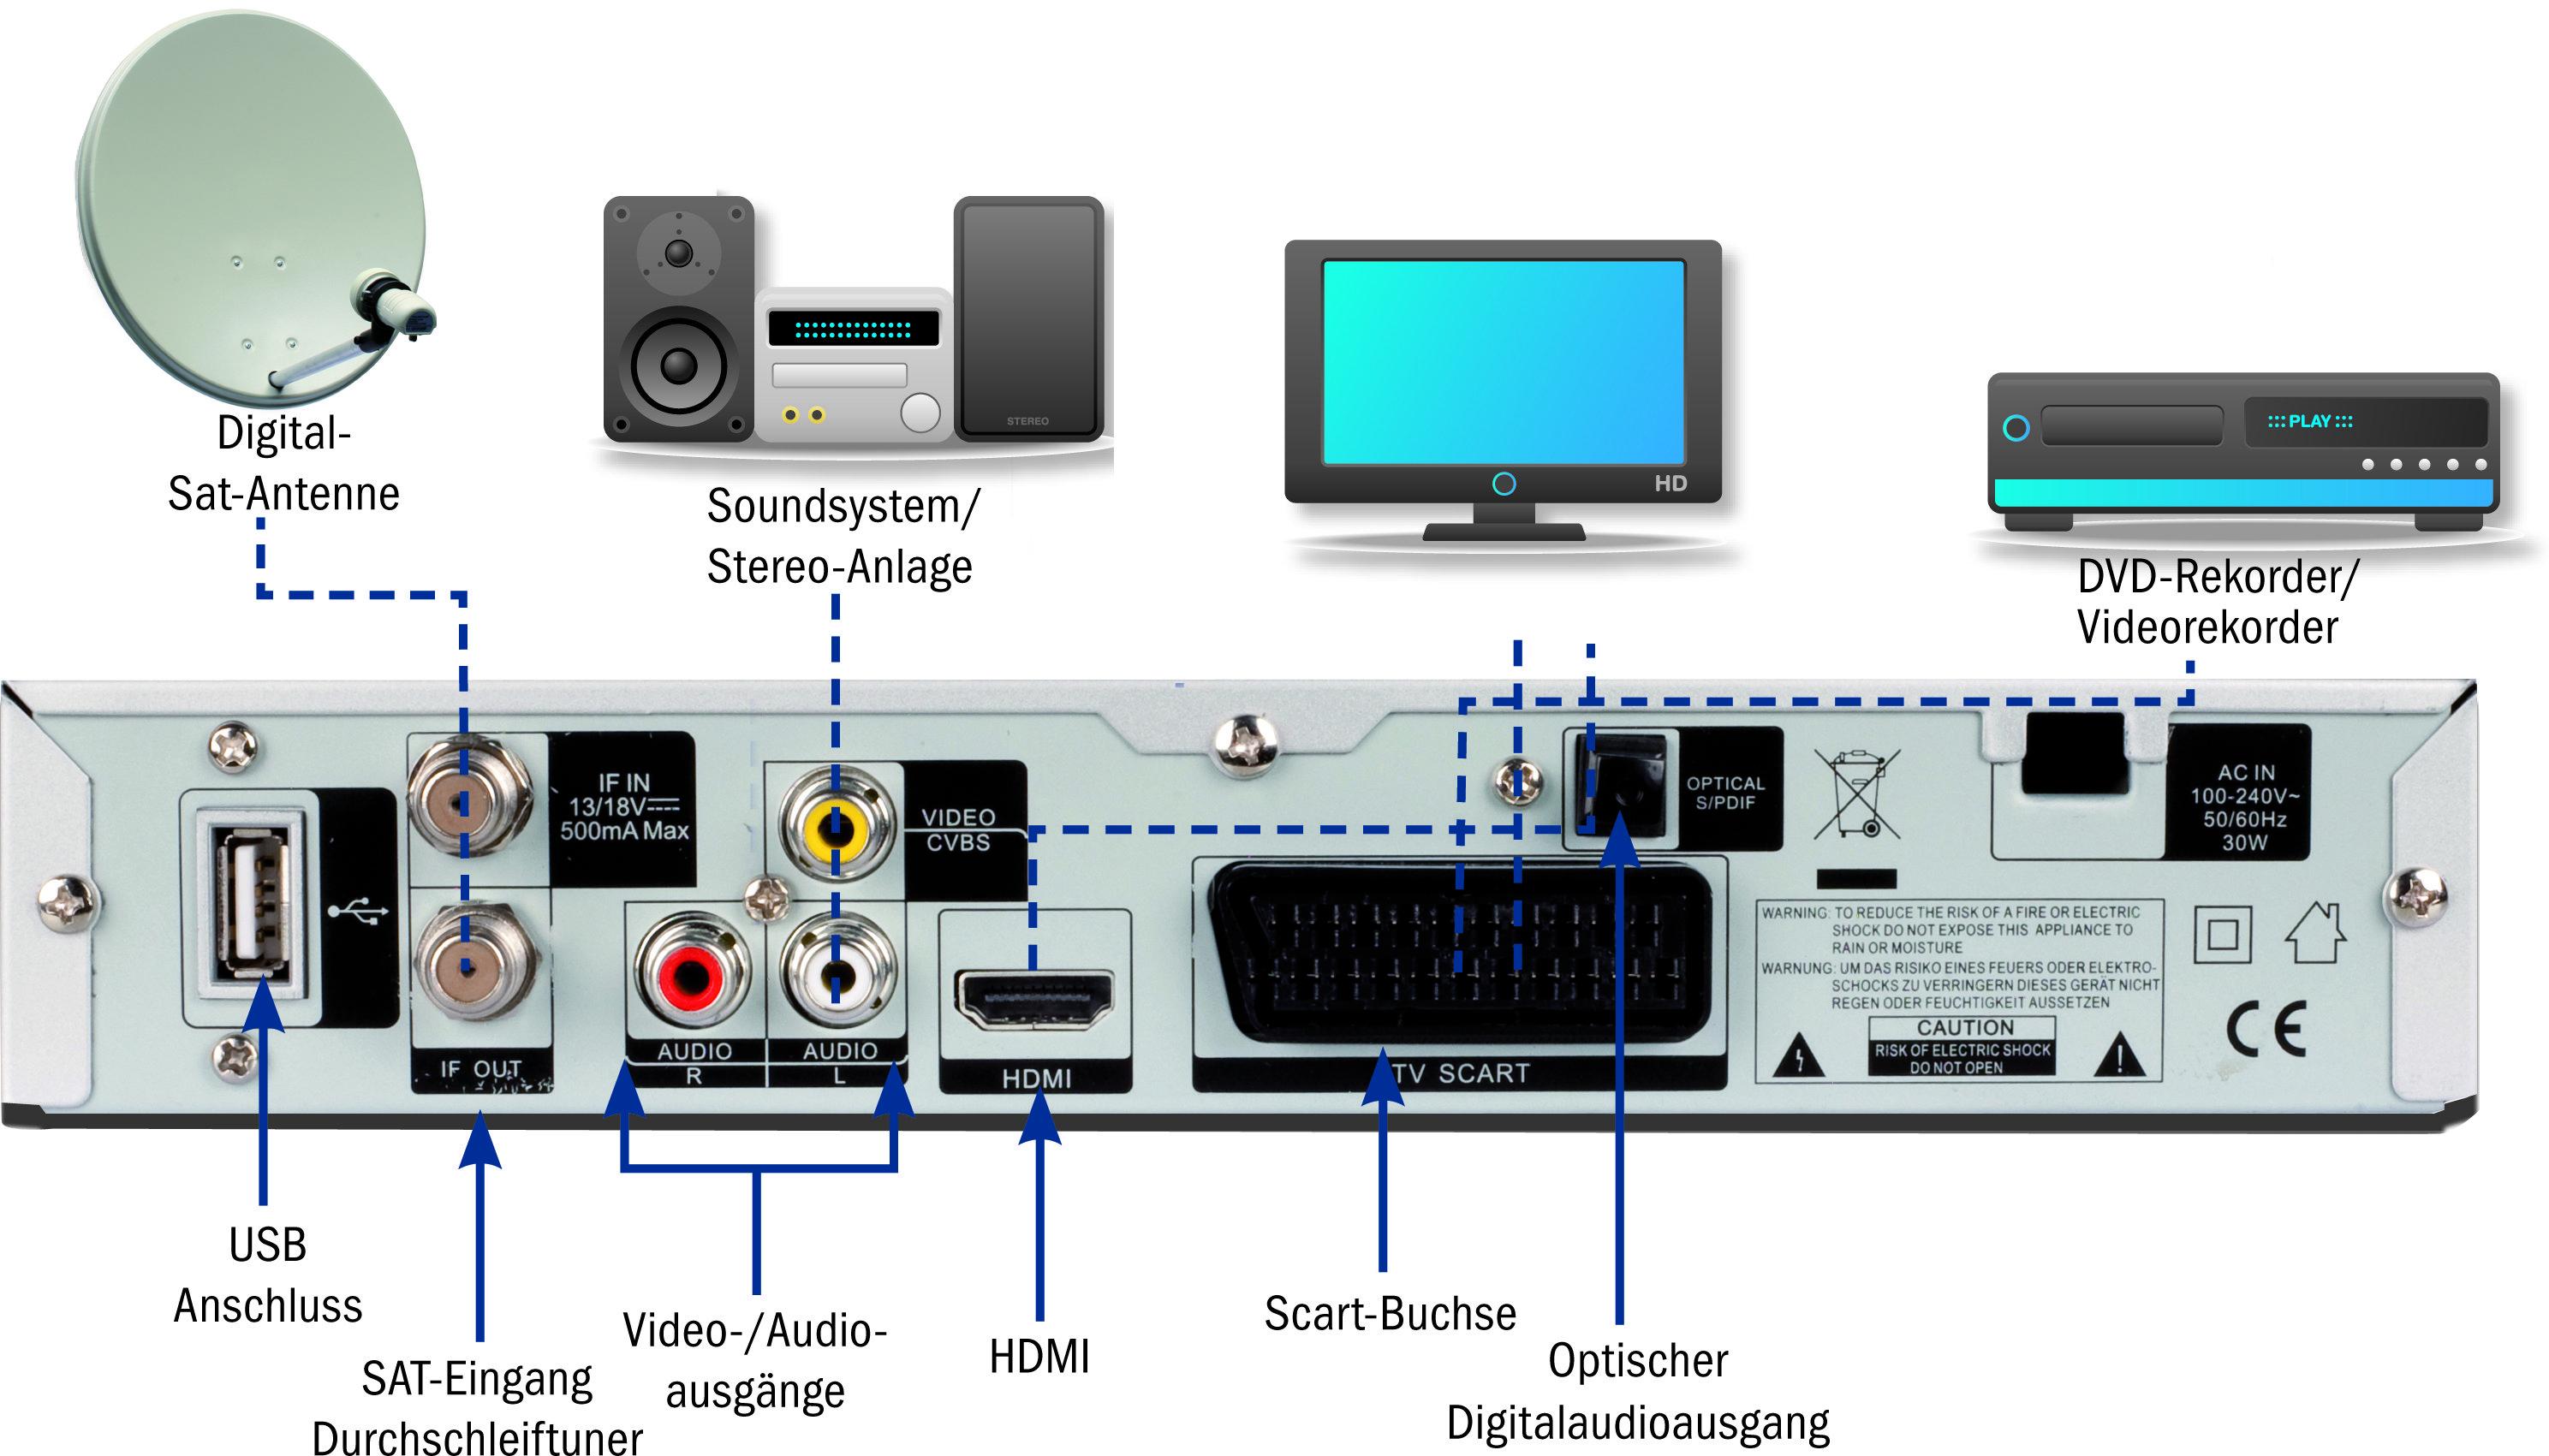 digitalbox imperial hd 2 basic digitaler hdtv sat receiver. Black Bedroom Furniture Sets. Home Design Ideas